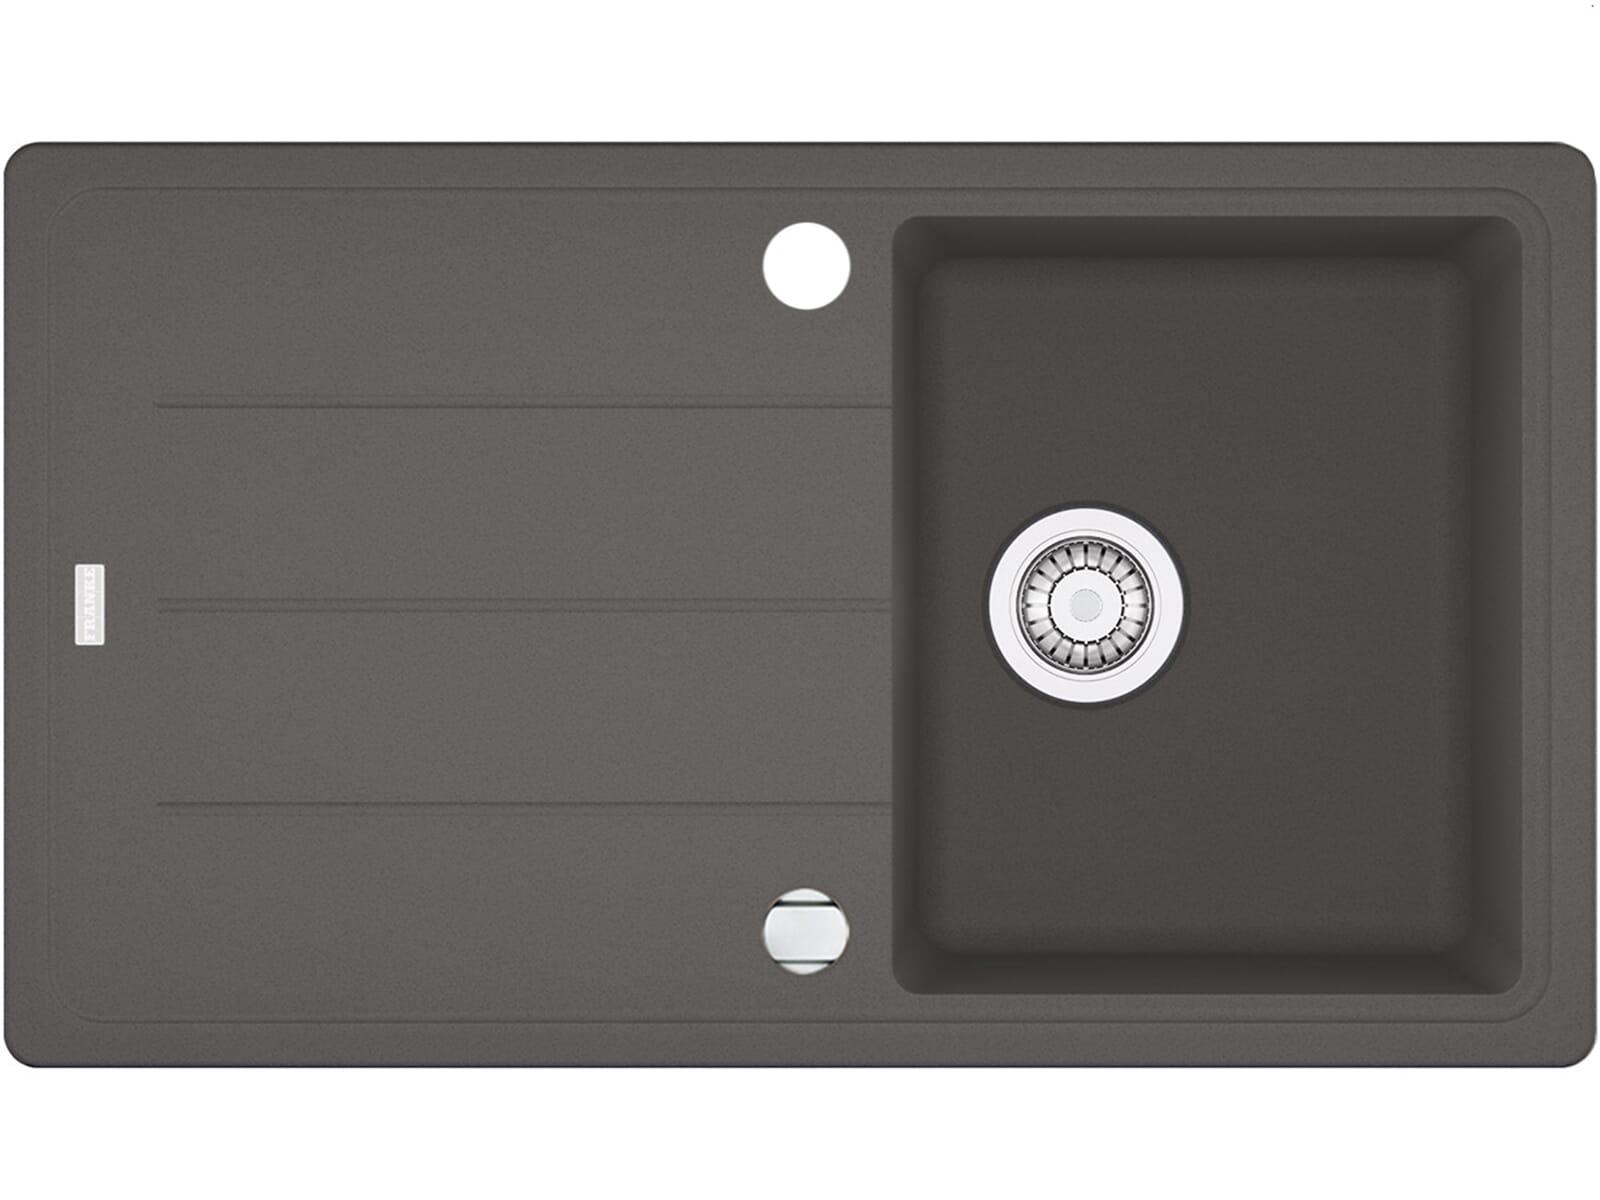 Franke Basis BFG 611-86 Umbra Granitspüle